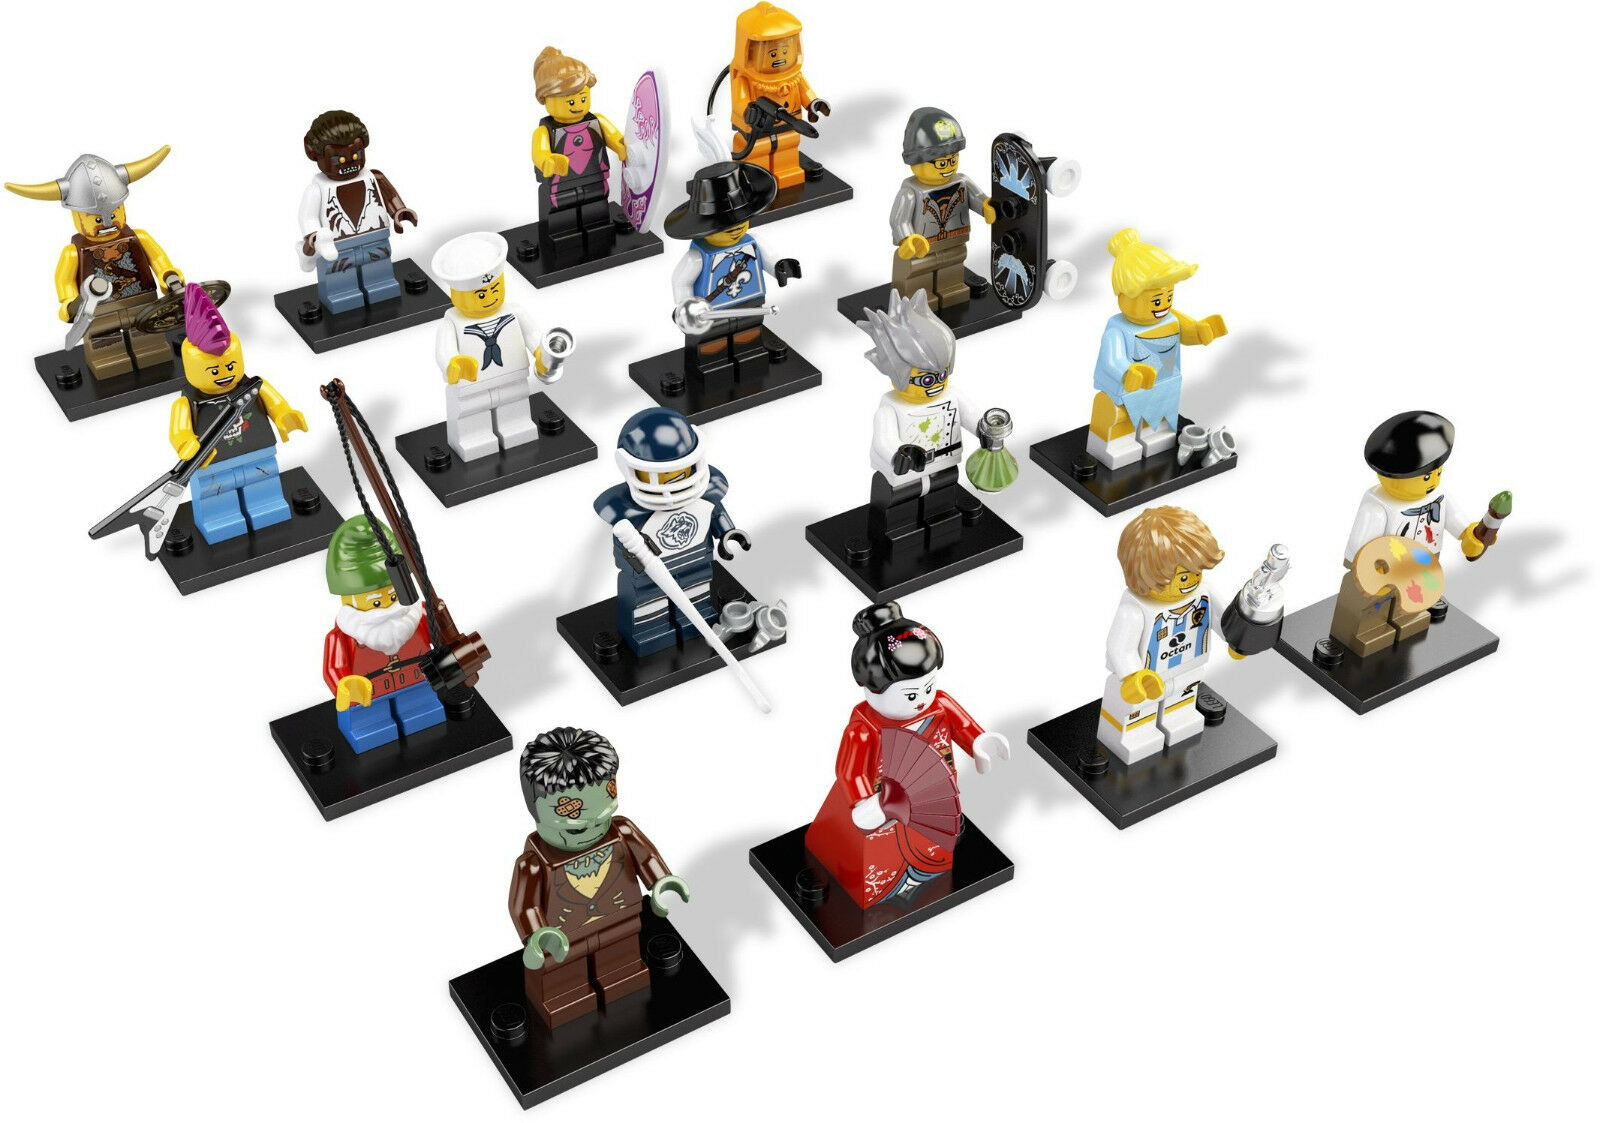 risparmia fino al 30-50% di sconto Lego Minicifras - - - SET 8804 - SERIE 4  risposta prima volta